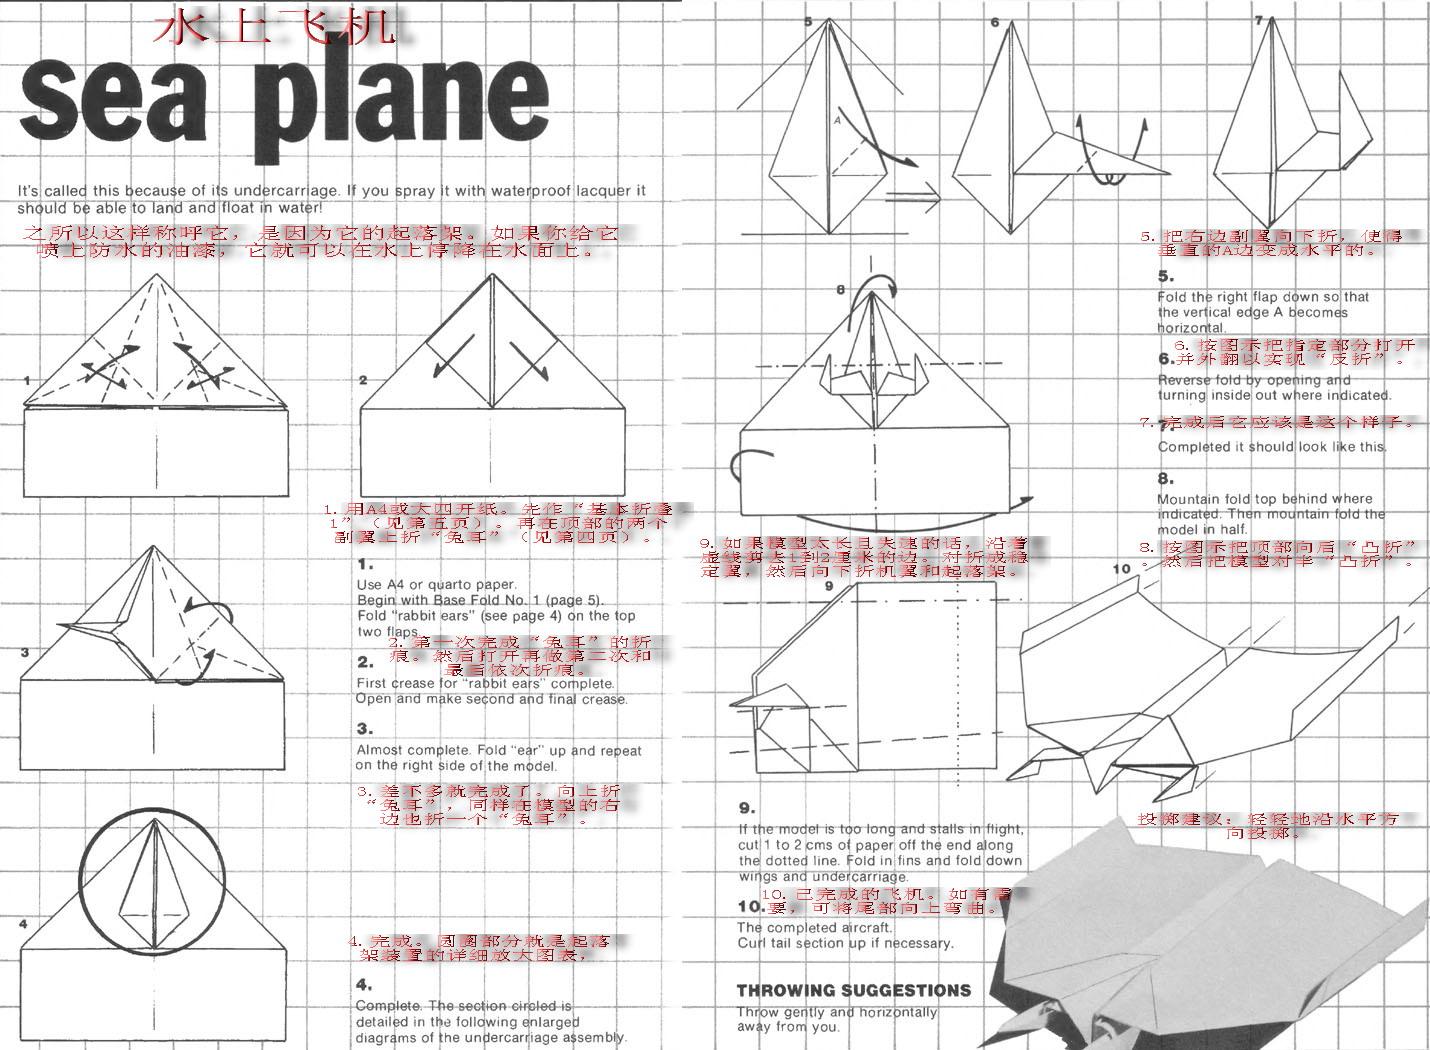 纸飞机模型手册